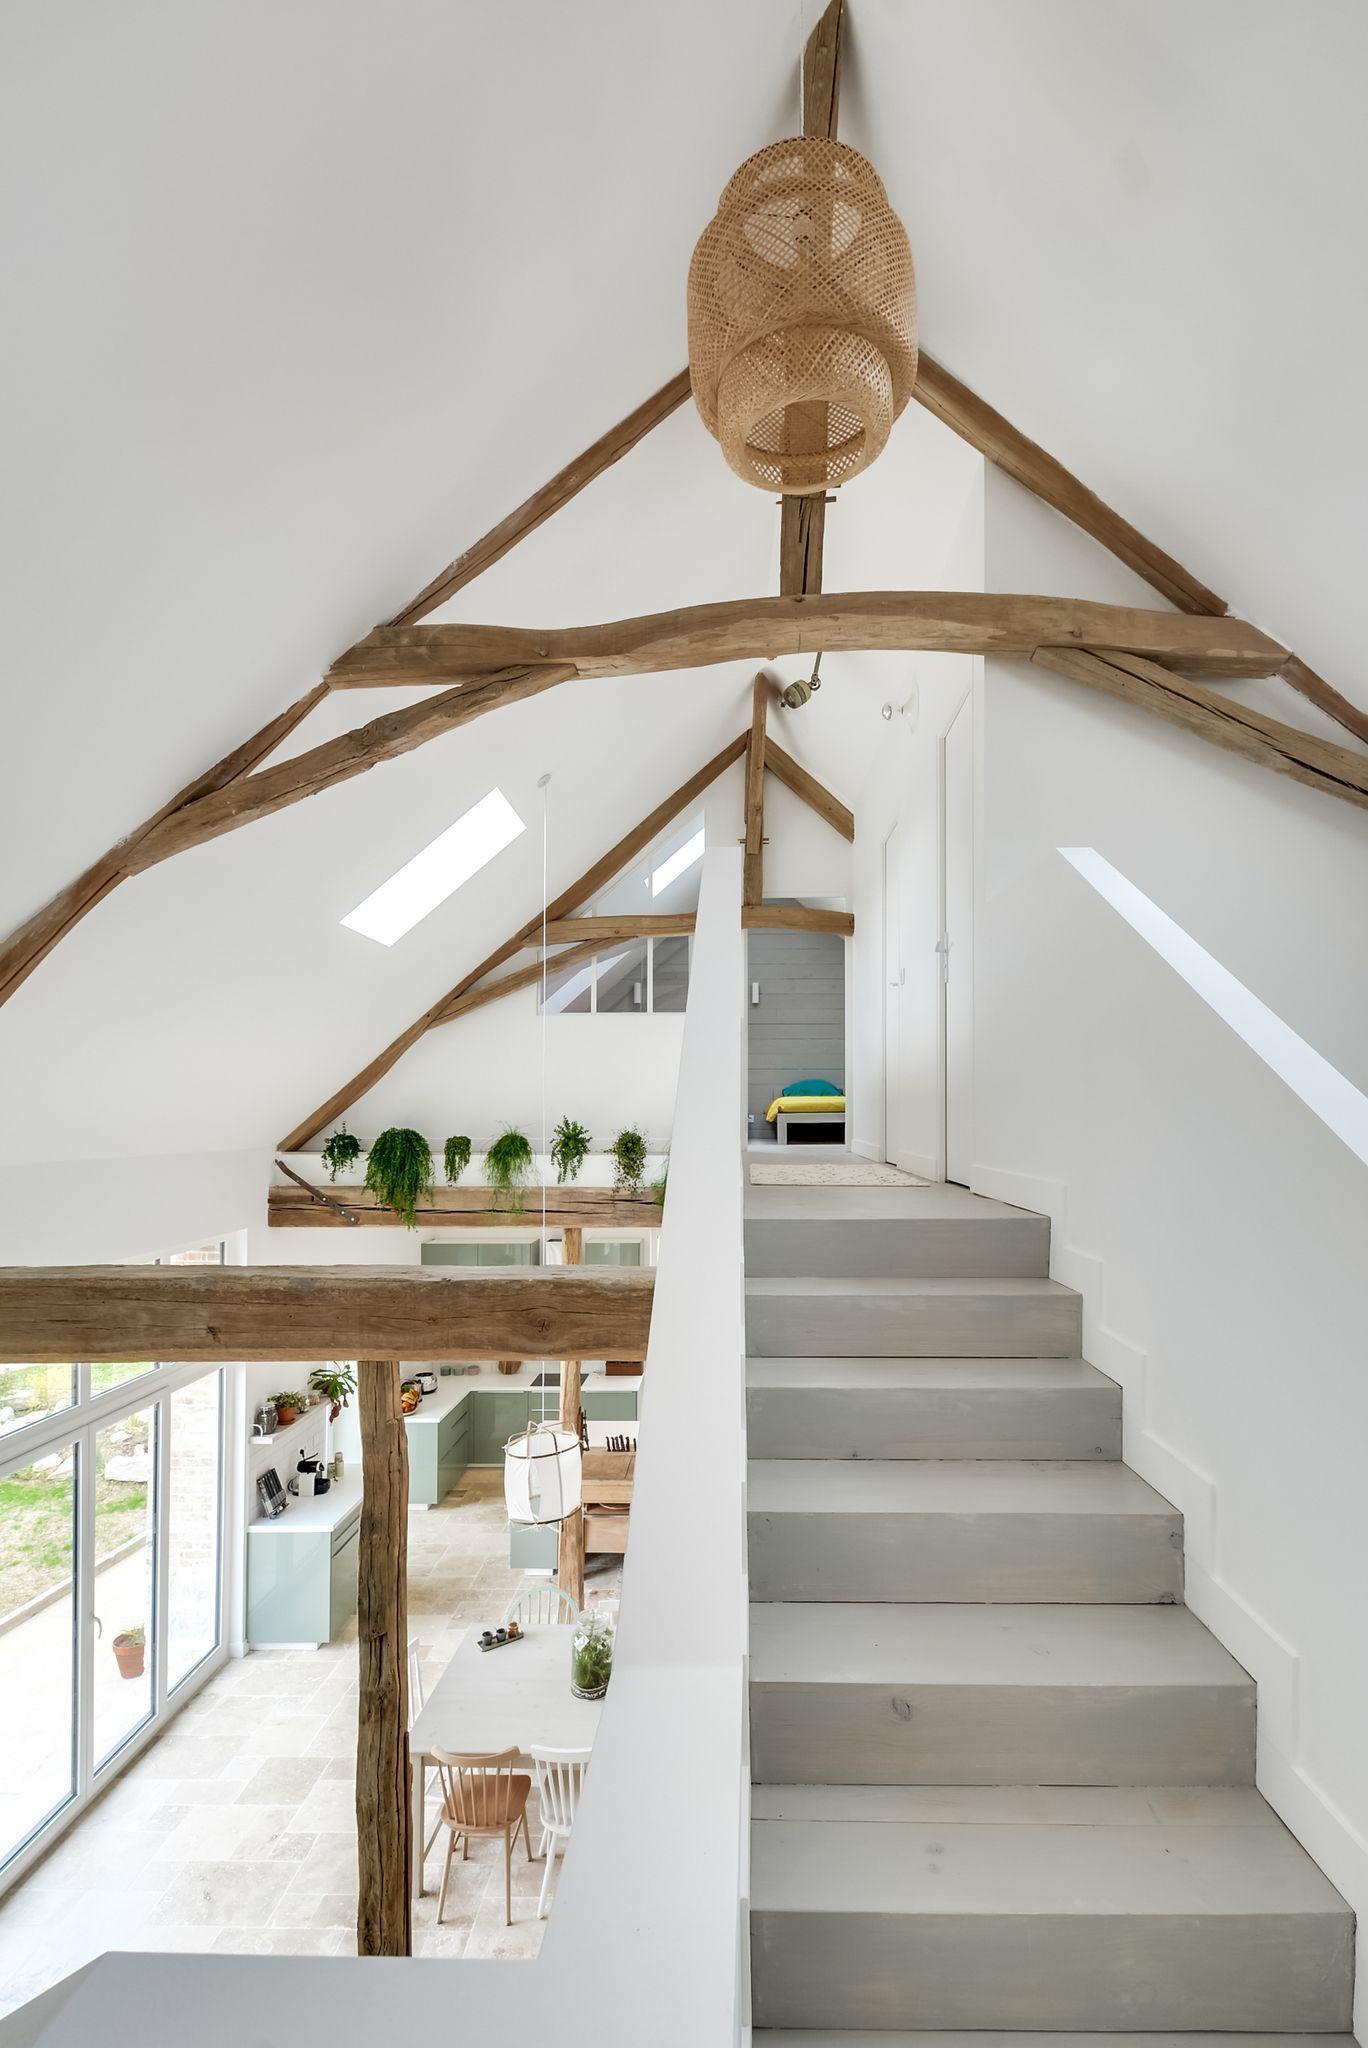 Une long re r nov e dans l 39 yonne planete deco a homes world int rieur pinterest maison - Renovation maison de campagne ...